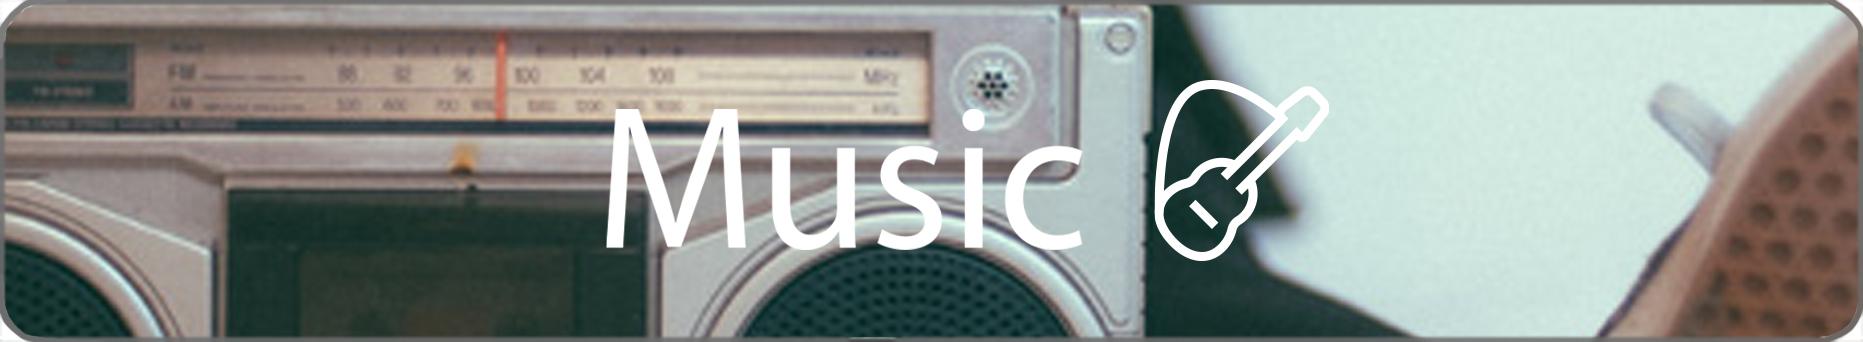 音乐系列钥匙扣